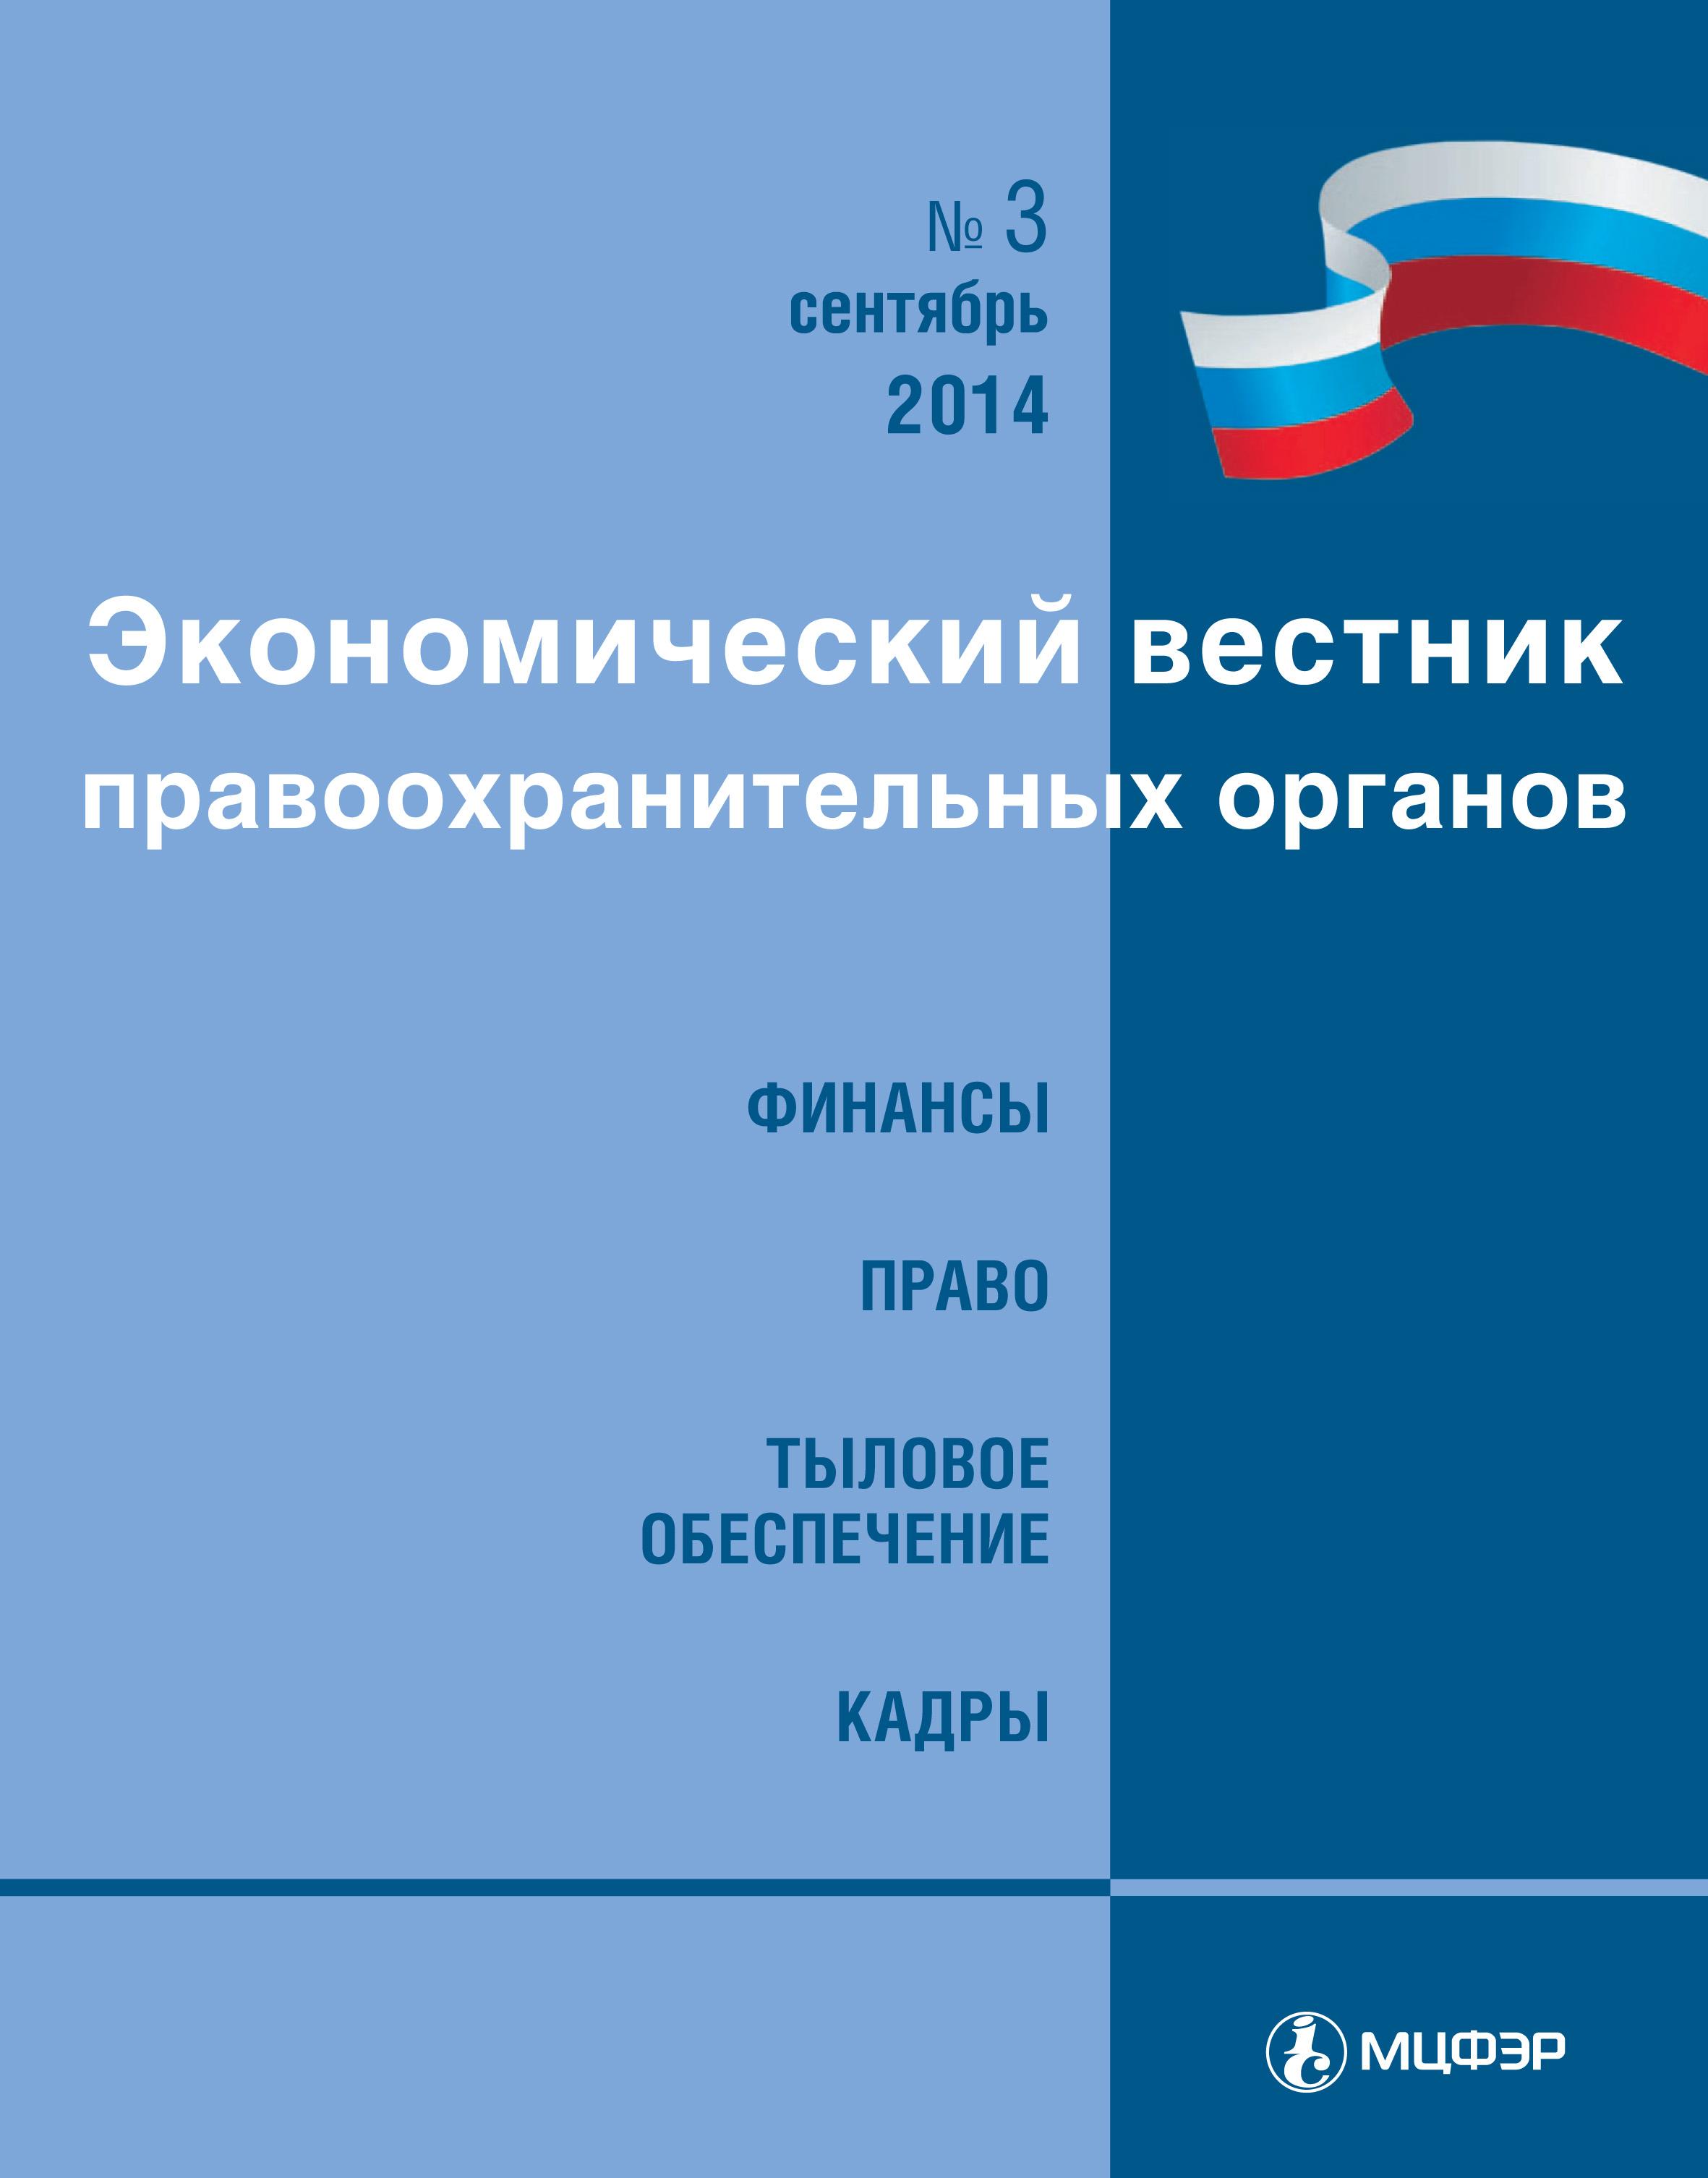 Экономический вестник правоохранительных органов №03/2014